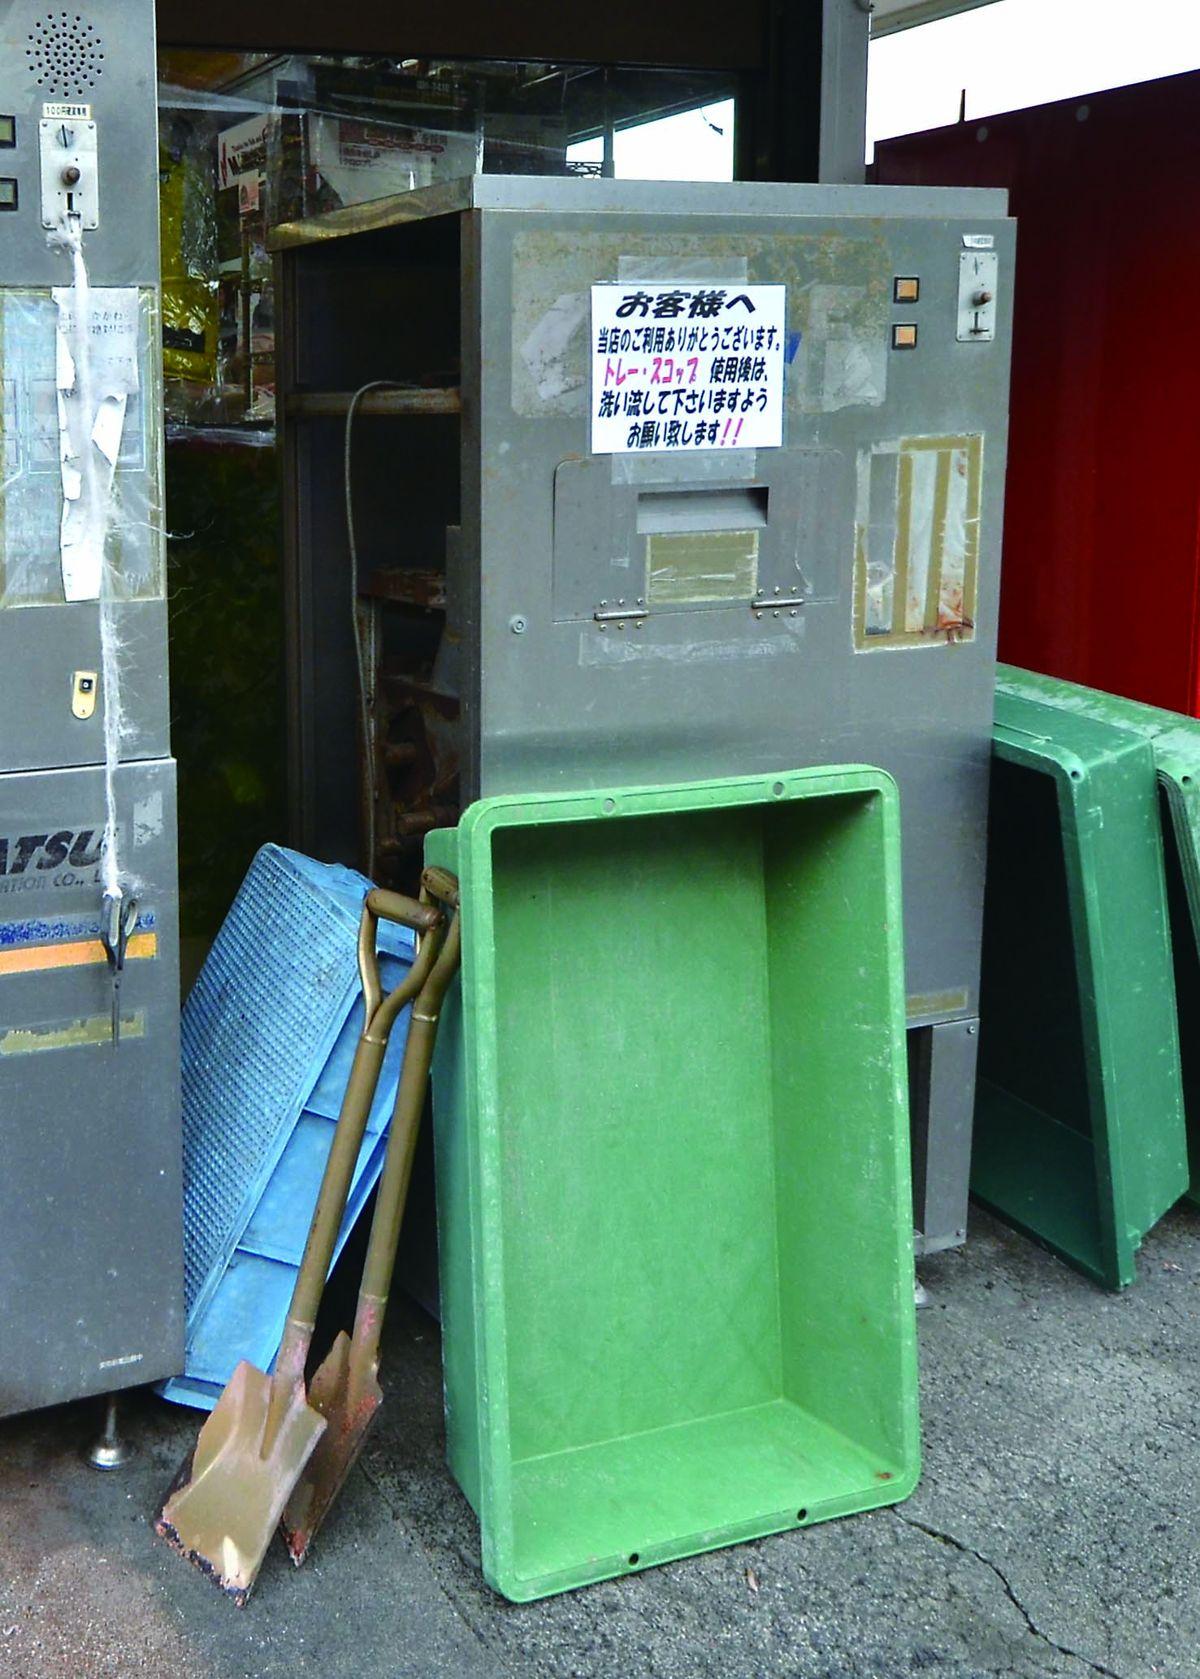 096-102-ukifukase-kihon2_cs6 (14)